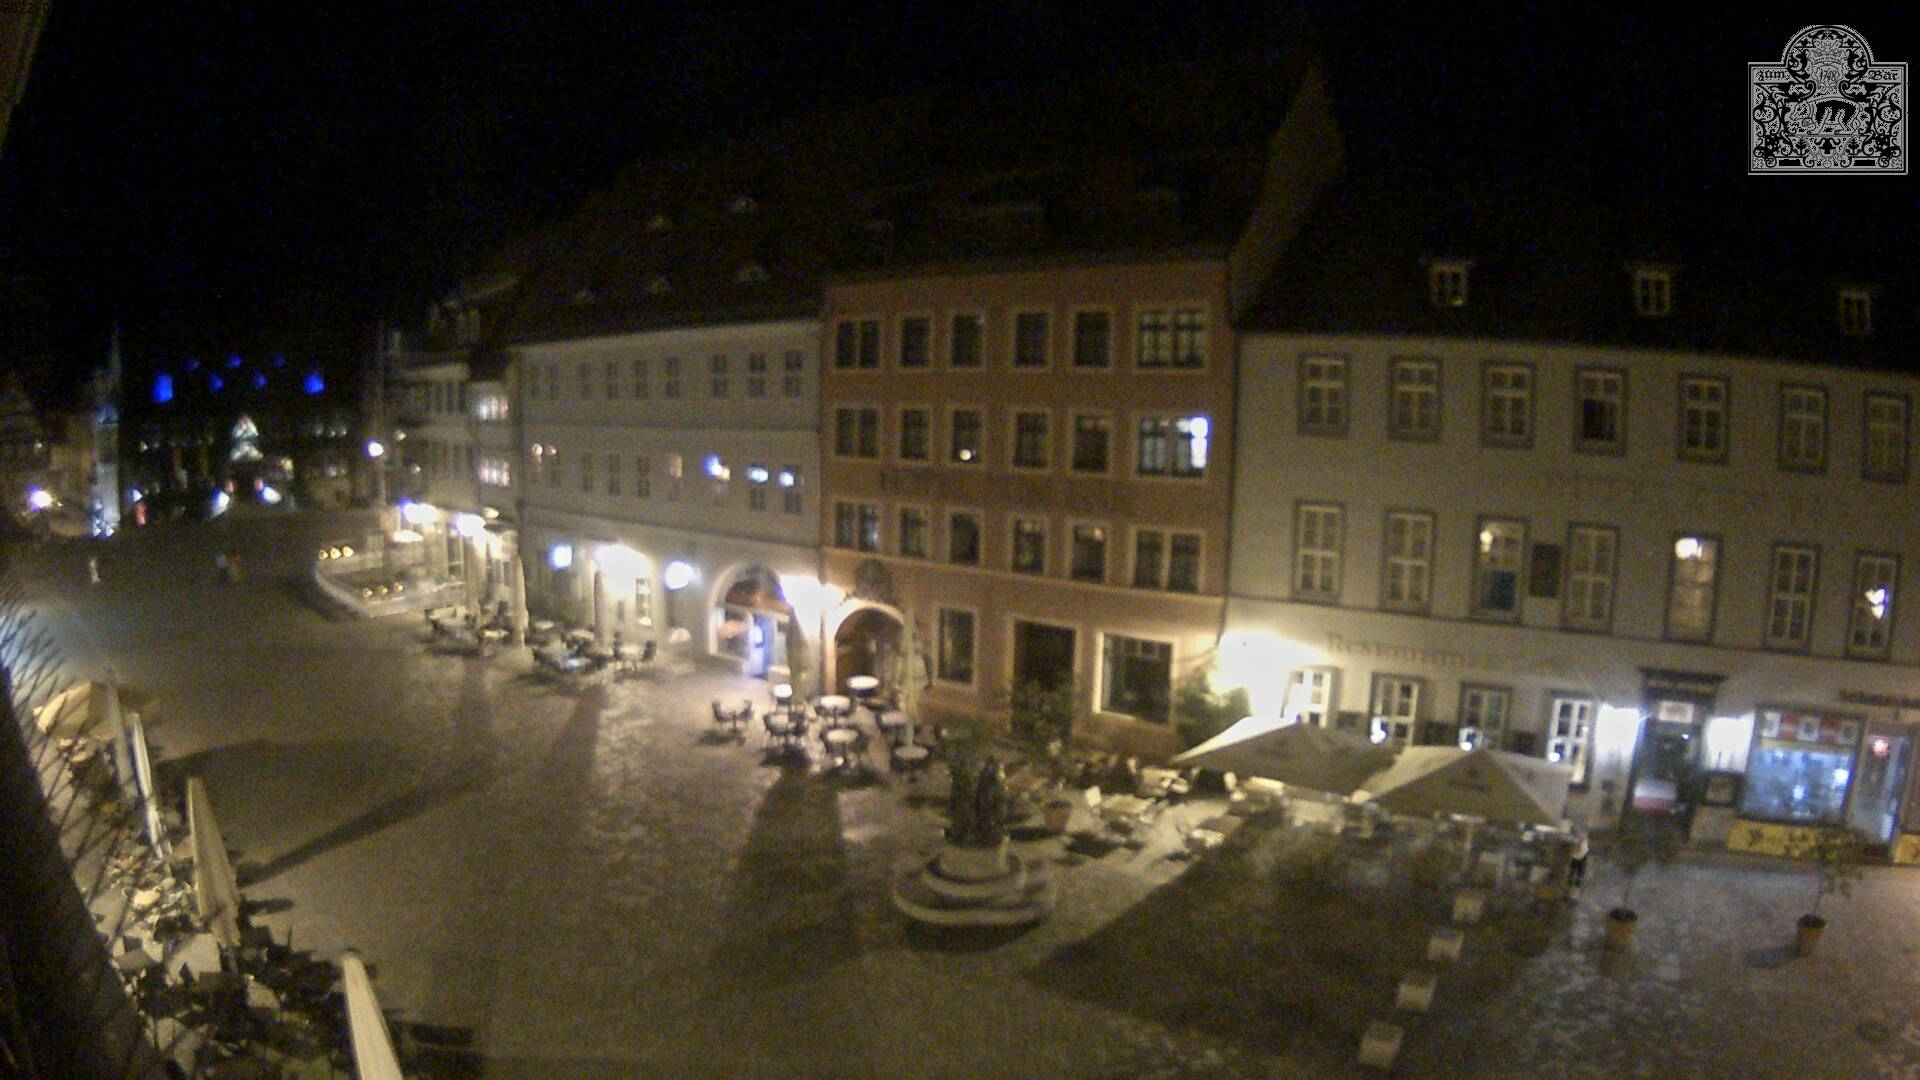 Webcam - Hotel Zum Bär, Quedlinburg